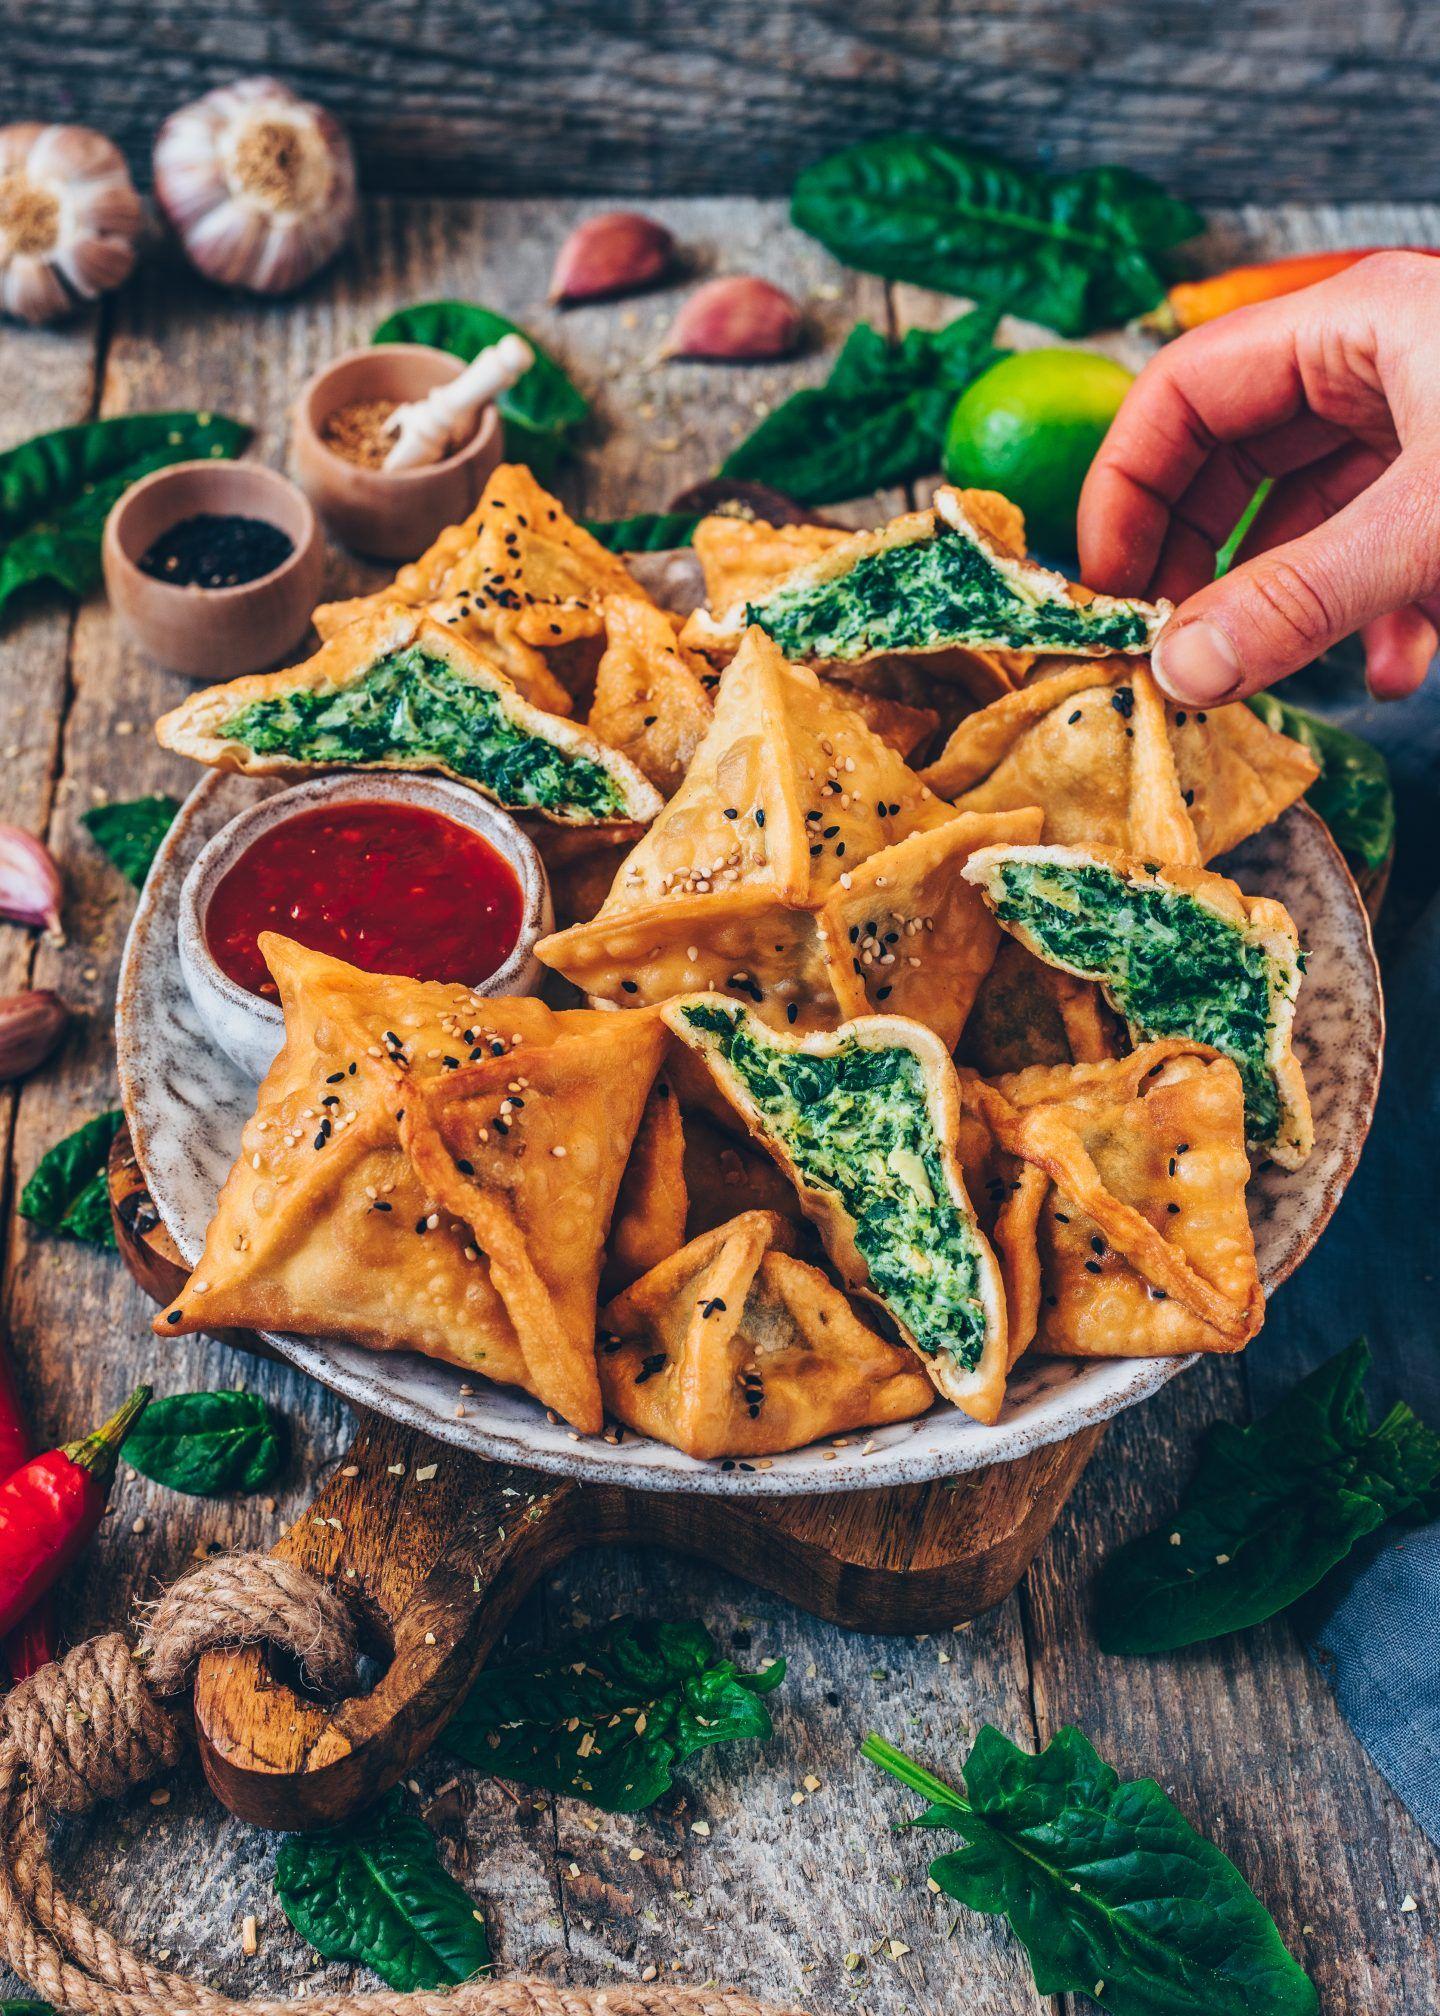 Wan-Tans mit Spinat-Artischocken Füllung | vegan - Bianca Zapatka | Rezepte